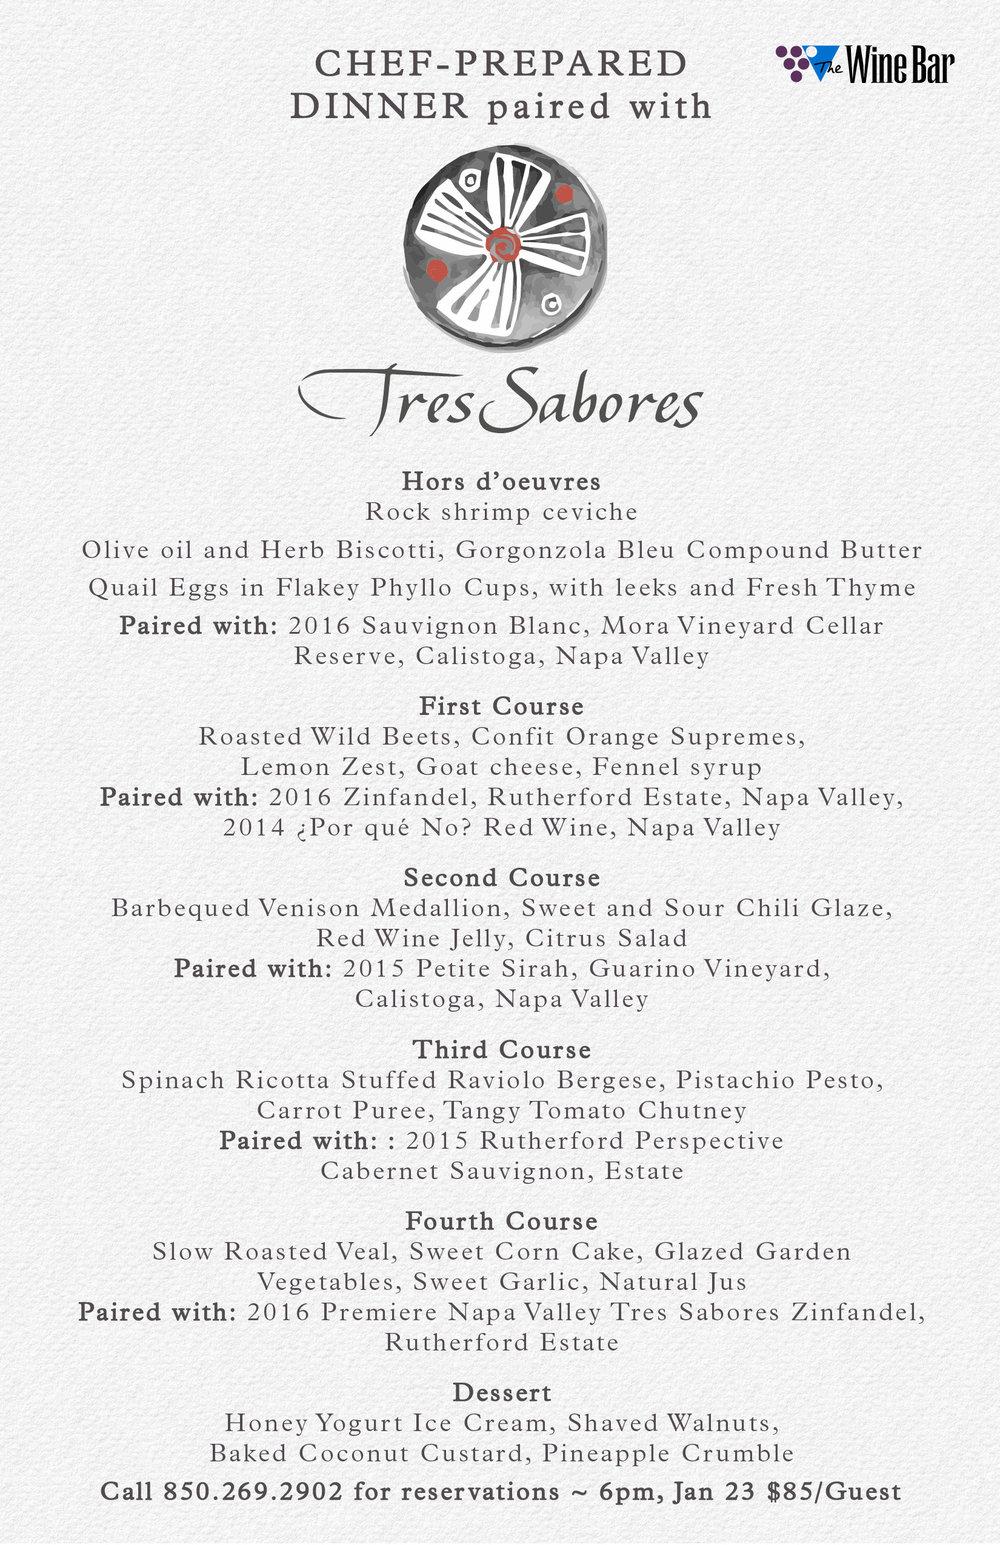 Premiere Napa Valley_Tres Sabores Dinner Menu AD.jpg